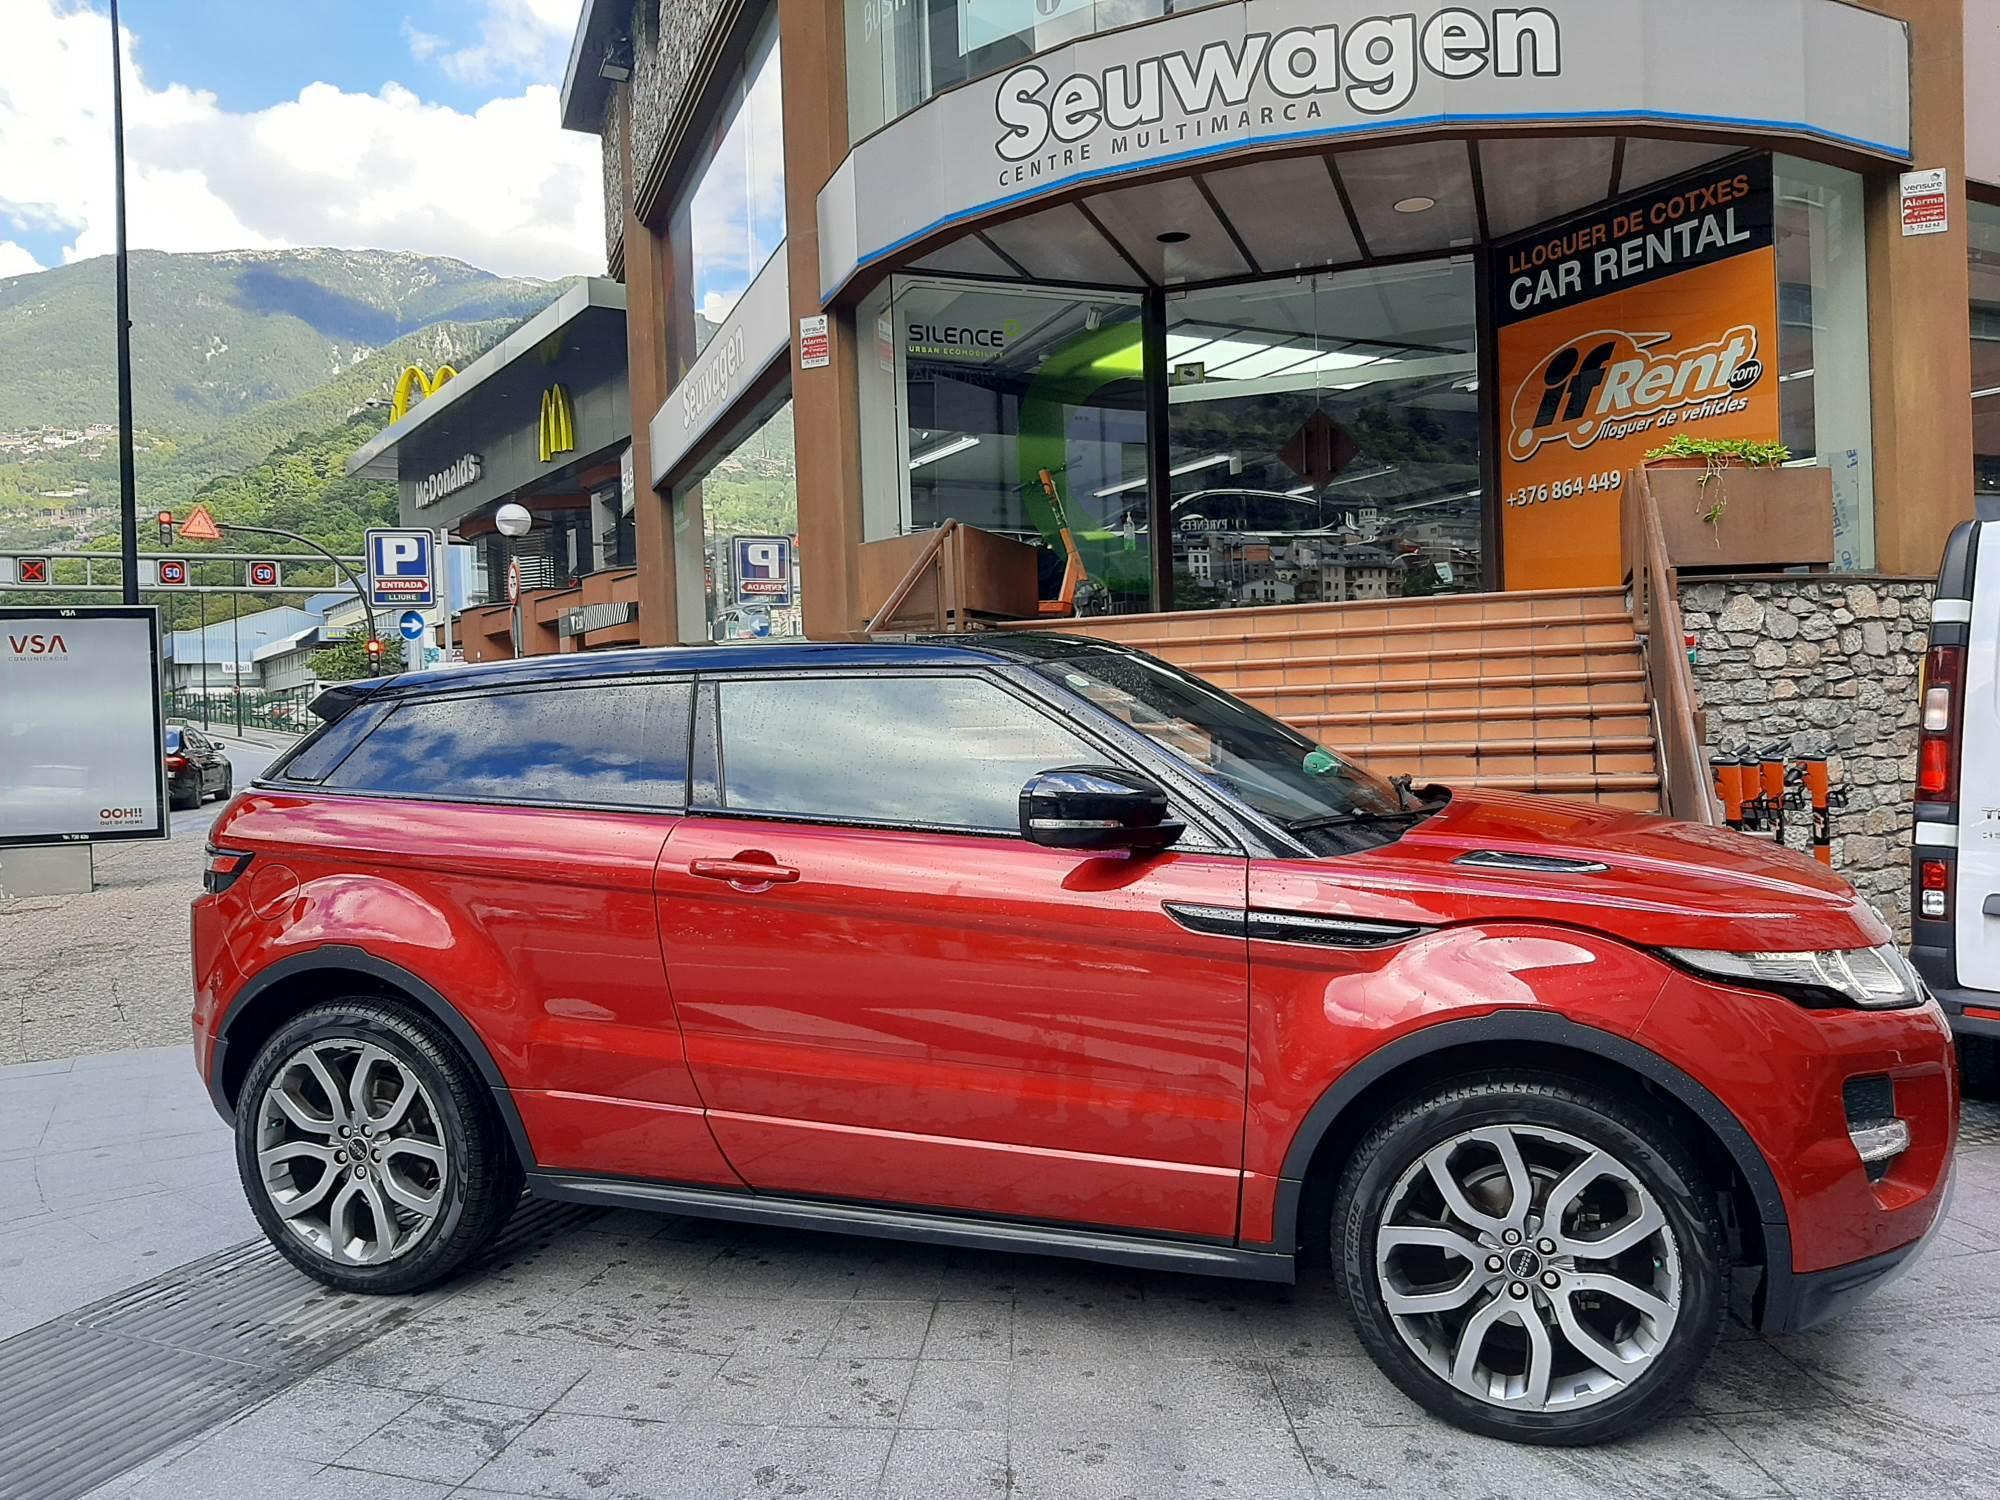 Land Rover - Range Rover Evoque - 2.2 - 190cV 2.2 - 190cV Dièsel  2011  131.700 Km